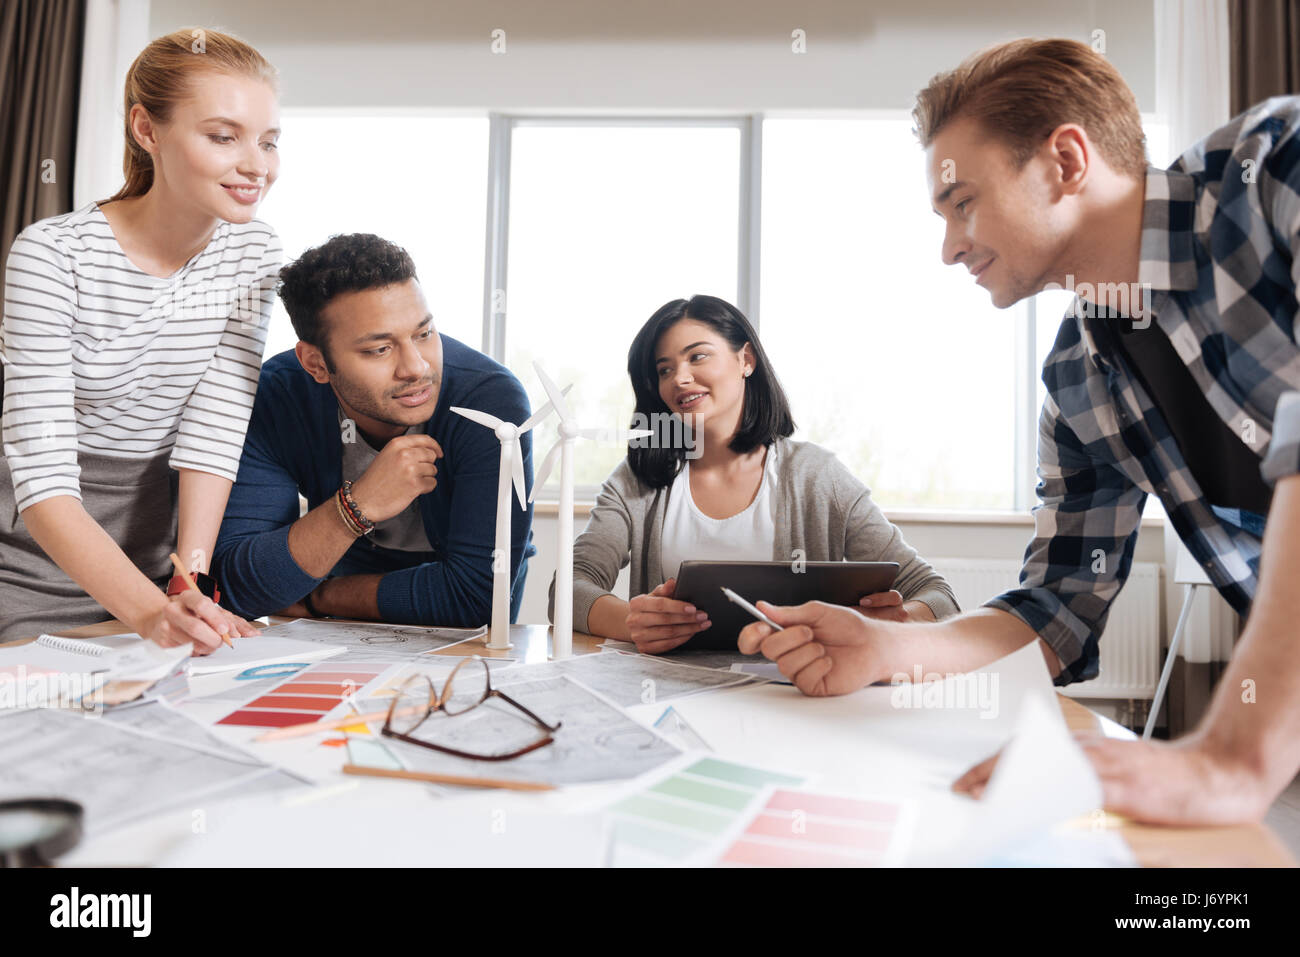 Hart arbeiten, junges Team von Ingenieuren arbeitet zusammen Stockbild